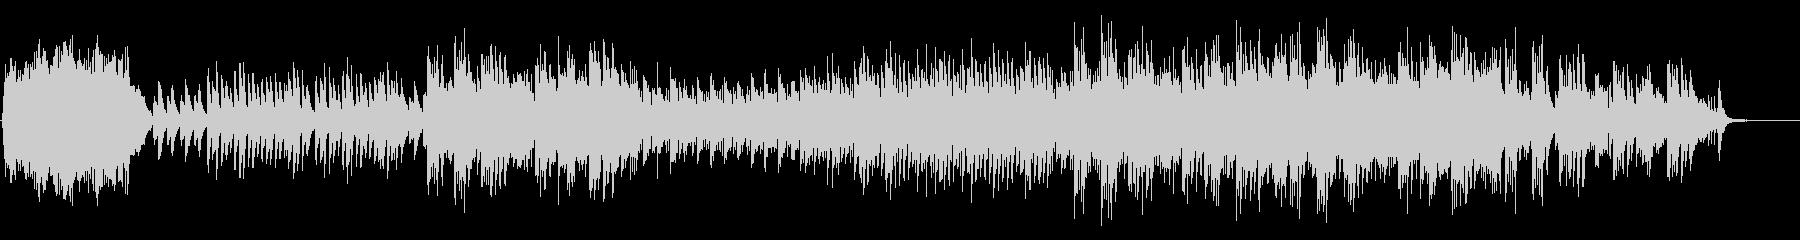 ハープとピアノが感傷的に響くバラードの未再生の波形